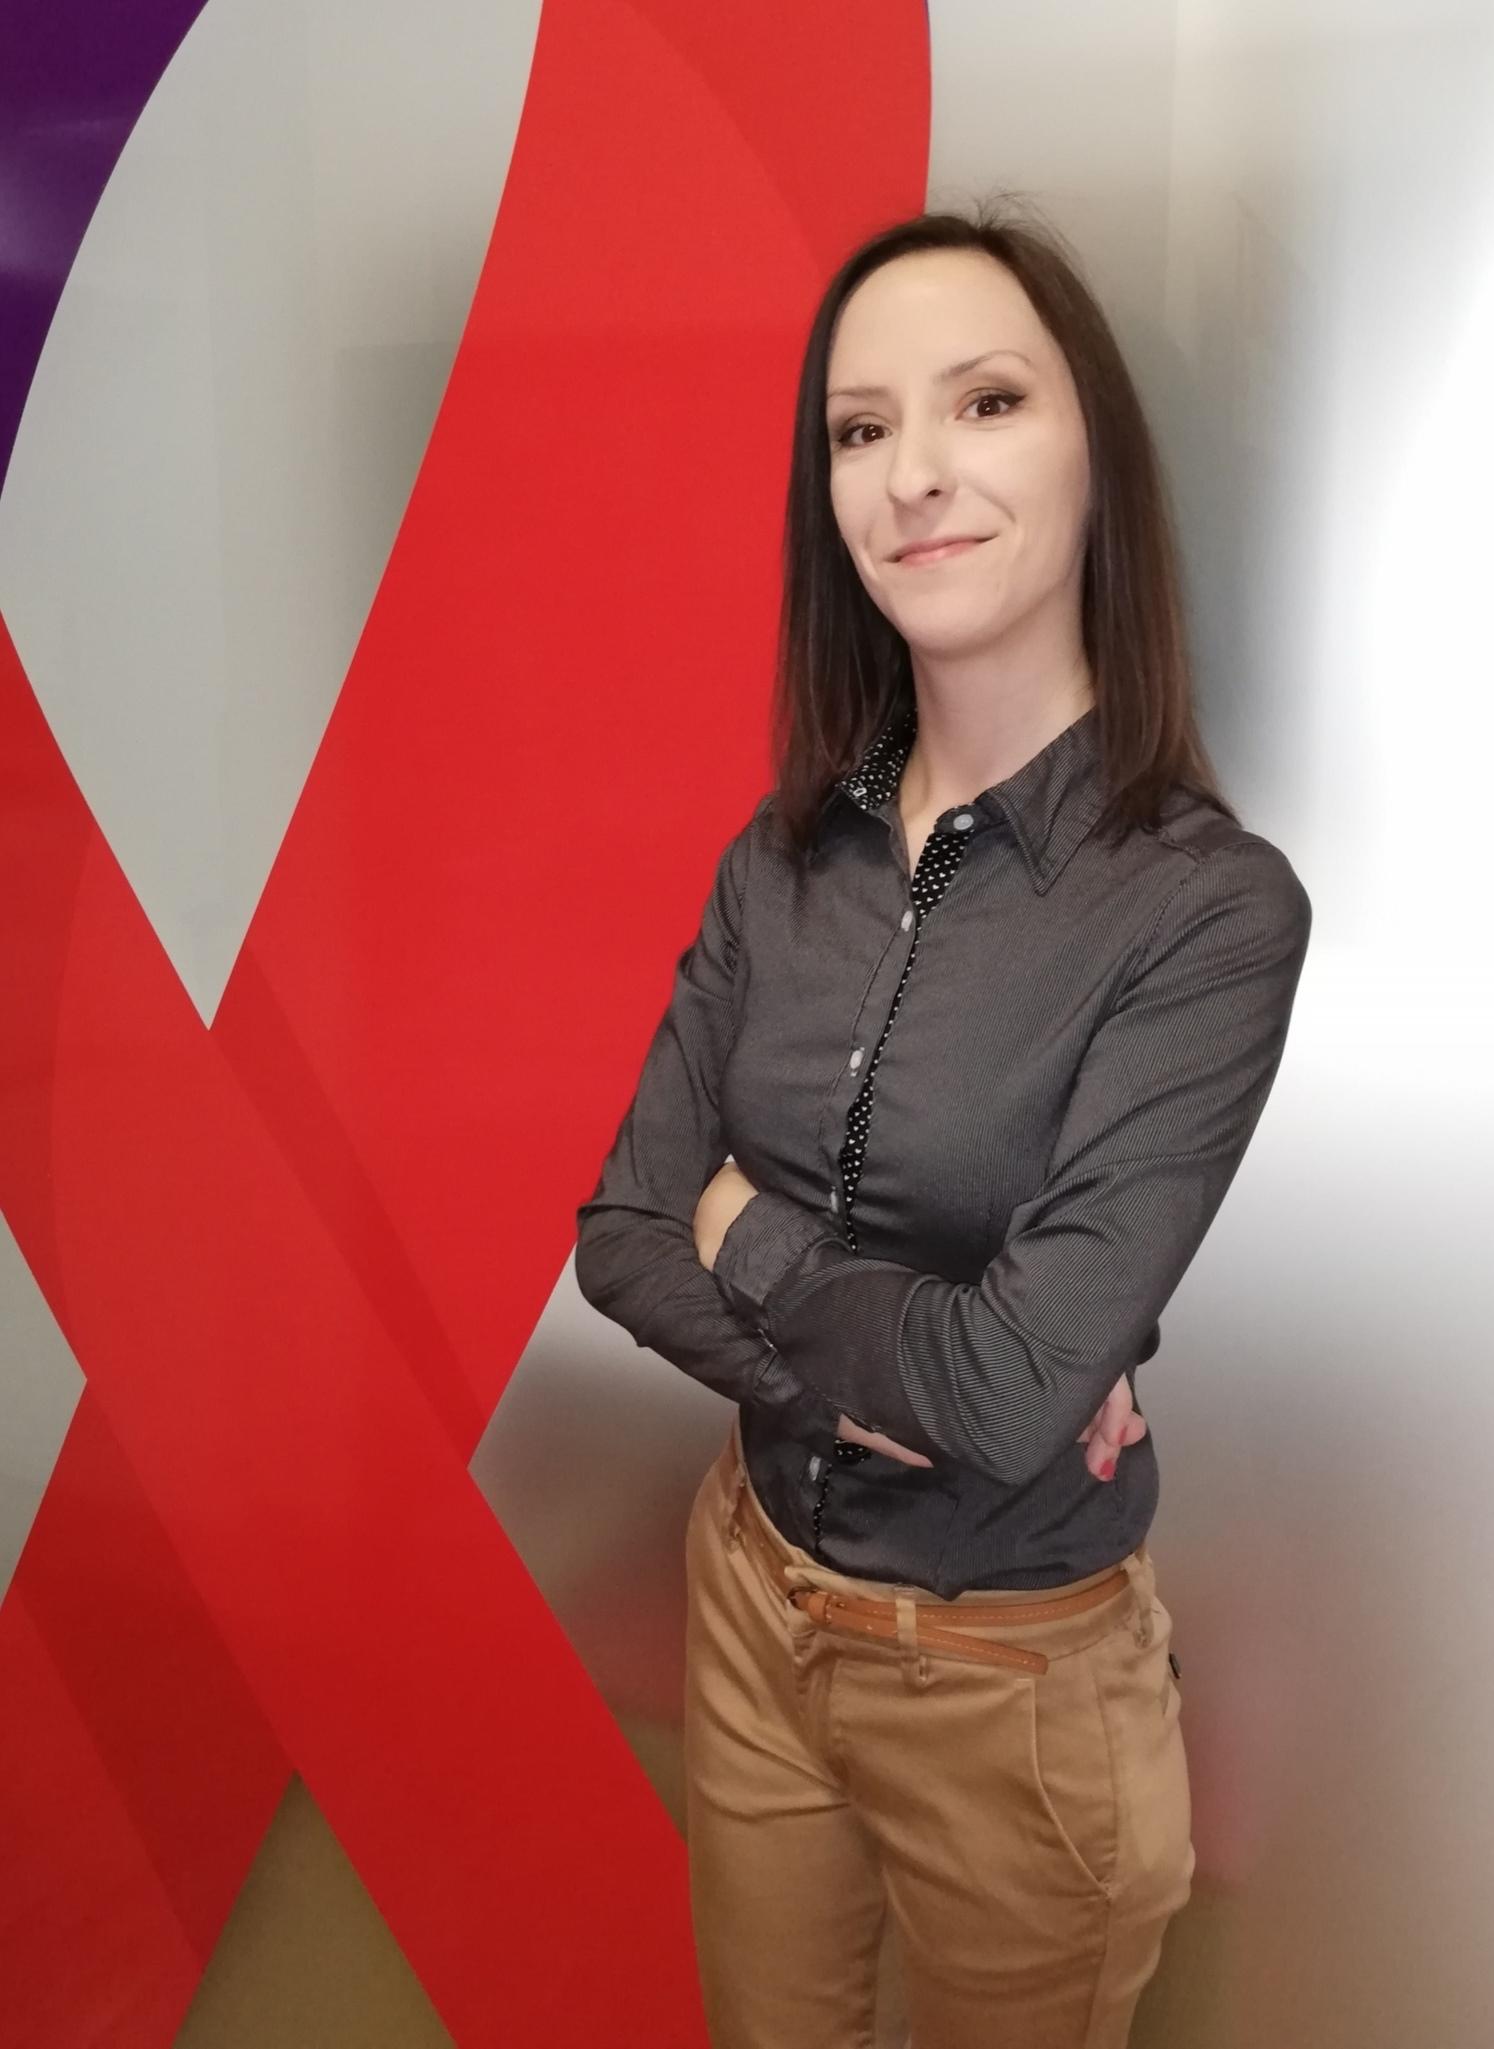 Sanja Jordanoska